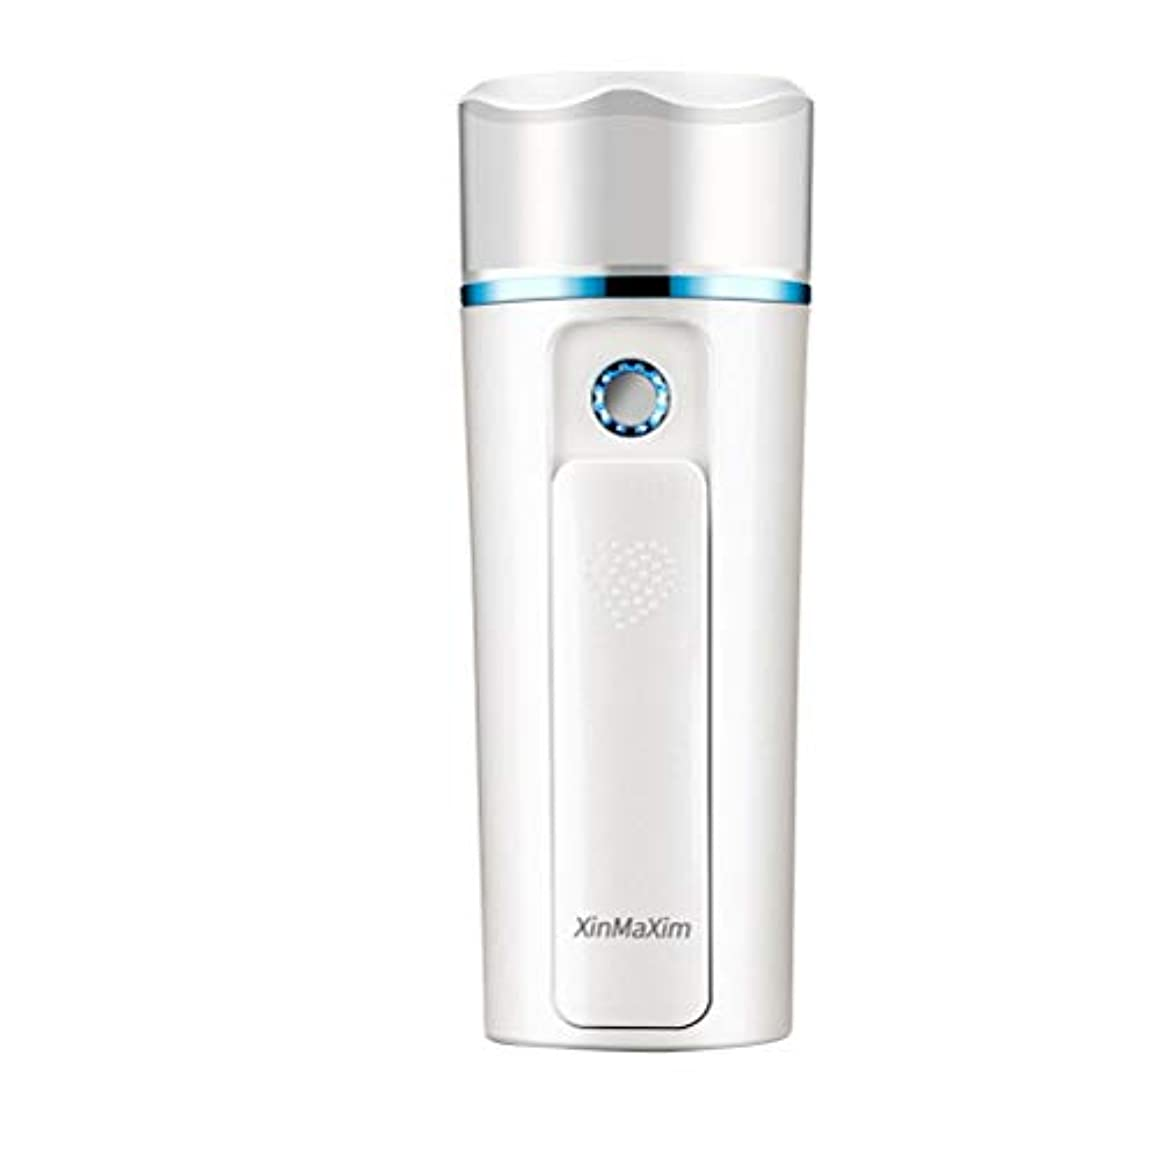 ロゴ電気的側面Healifty 補水美容器 フェイススチーマー ナノミスト美顔器 スキンケア 美顔スプレー 噴霧式 ミニ携帯 家庭 旅行 オフィス 充電式 ナノイオンミスト